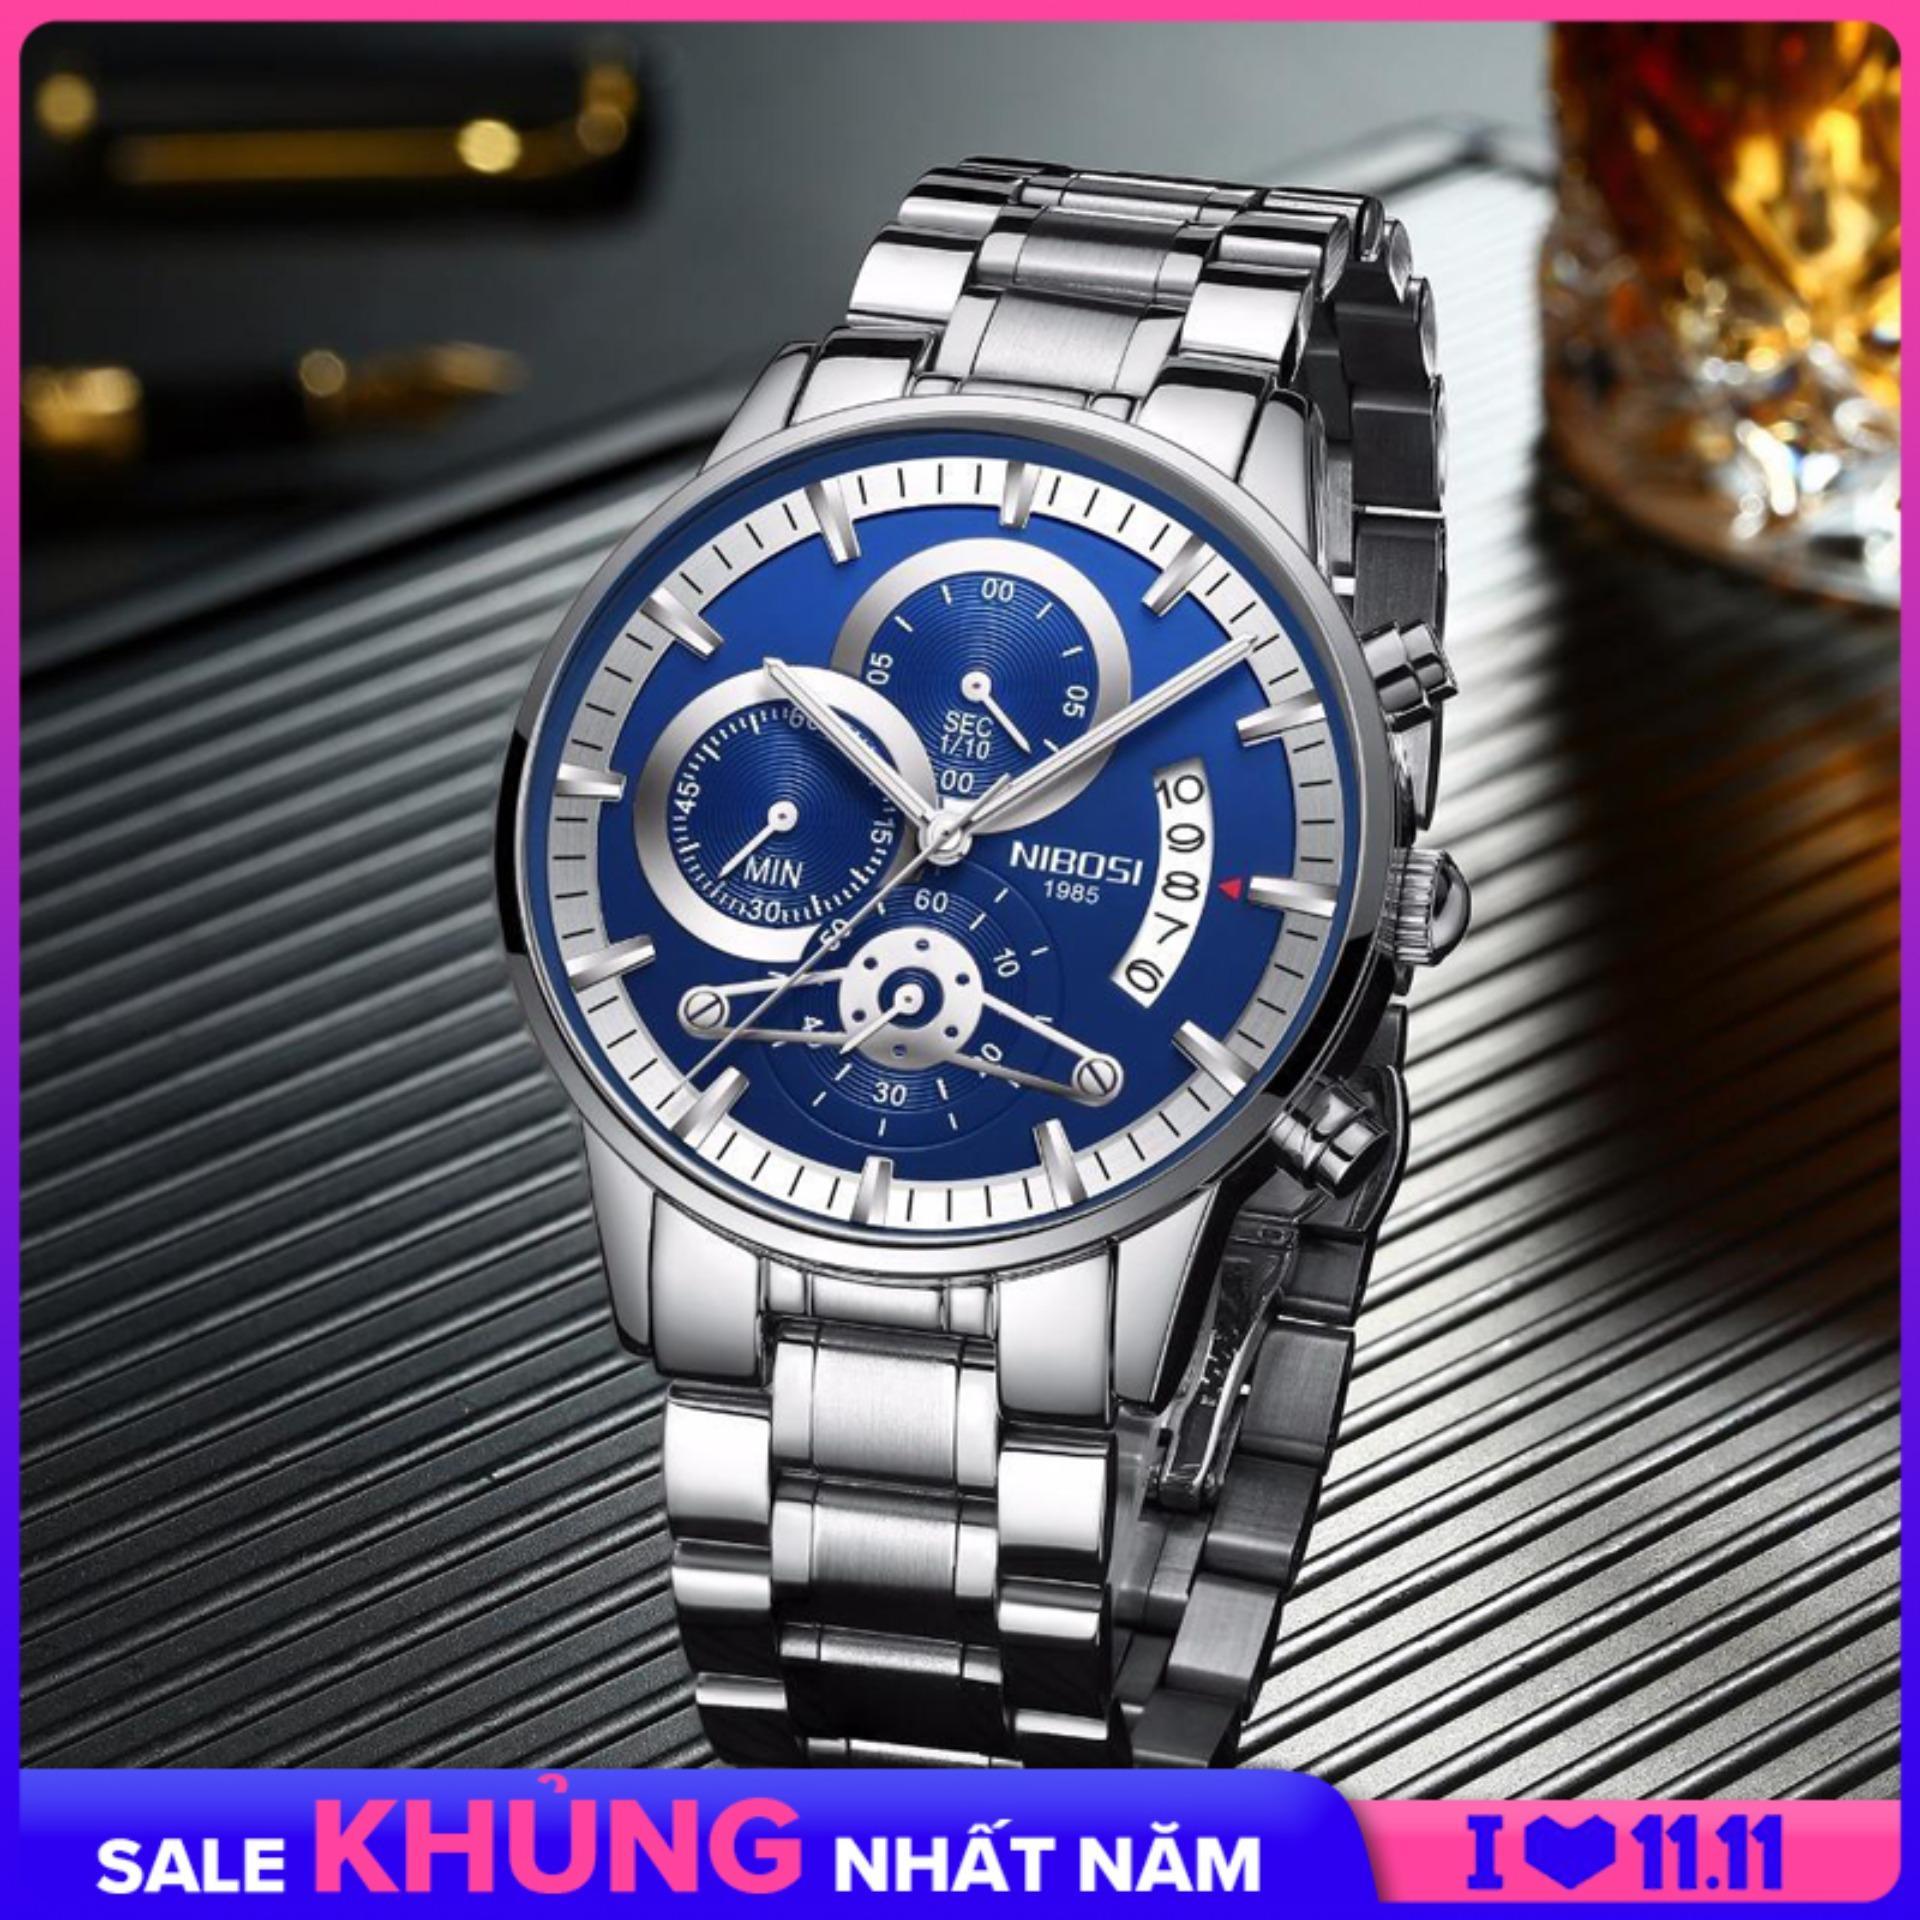 Nơi bán iWATCH-Đồng hồ nam dây thép NIBOSI 2309-1 6 kim lịch ngày style doanh nhân sang trọng IW-NB23091